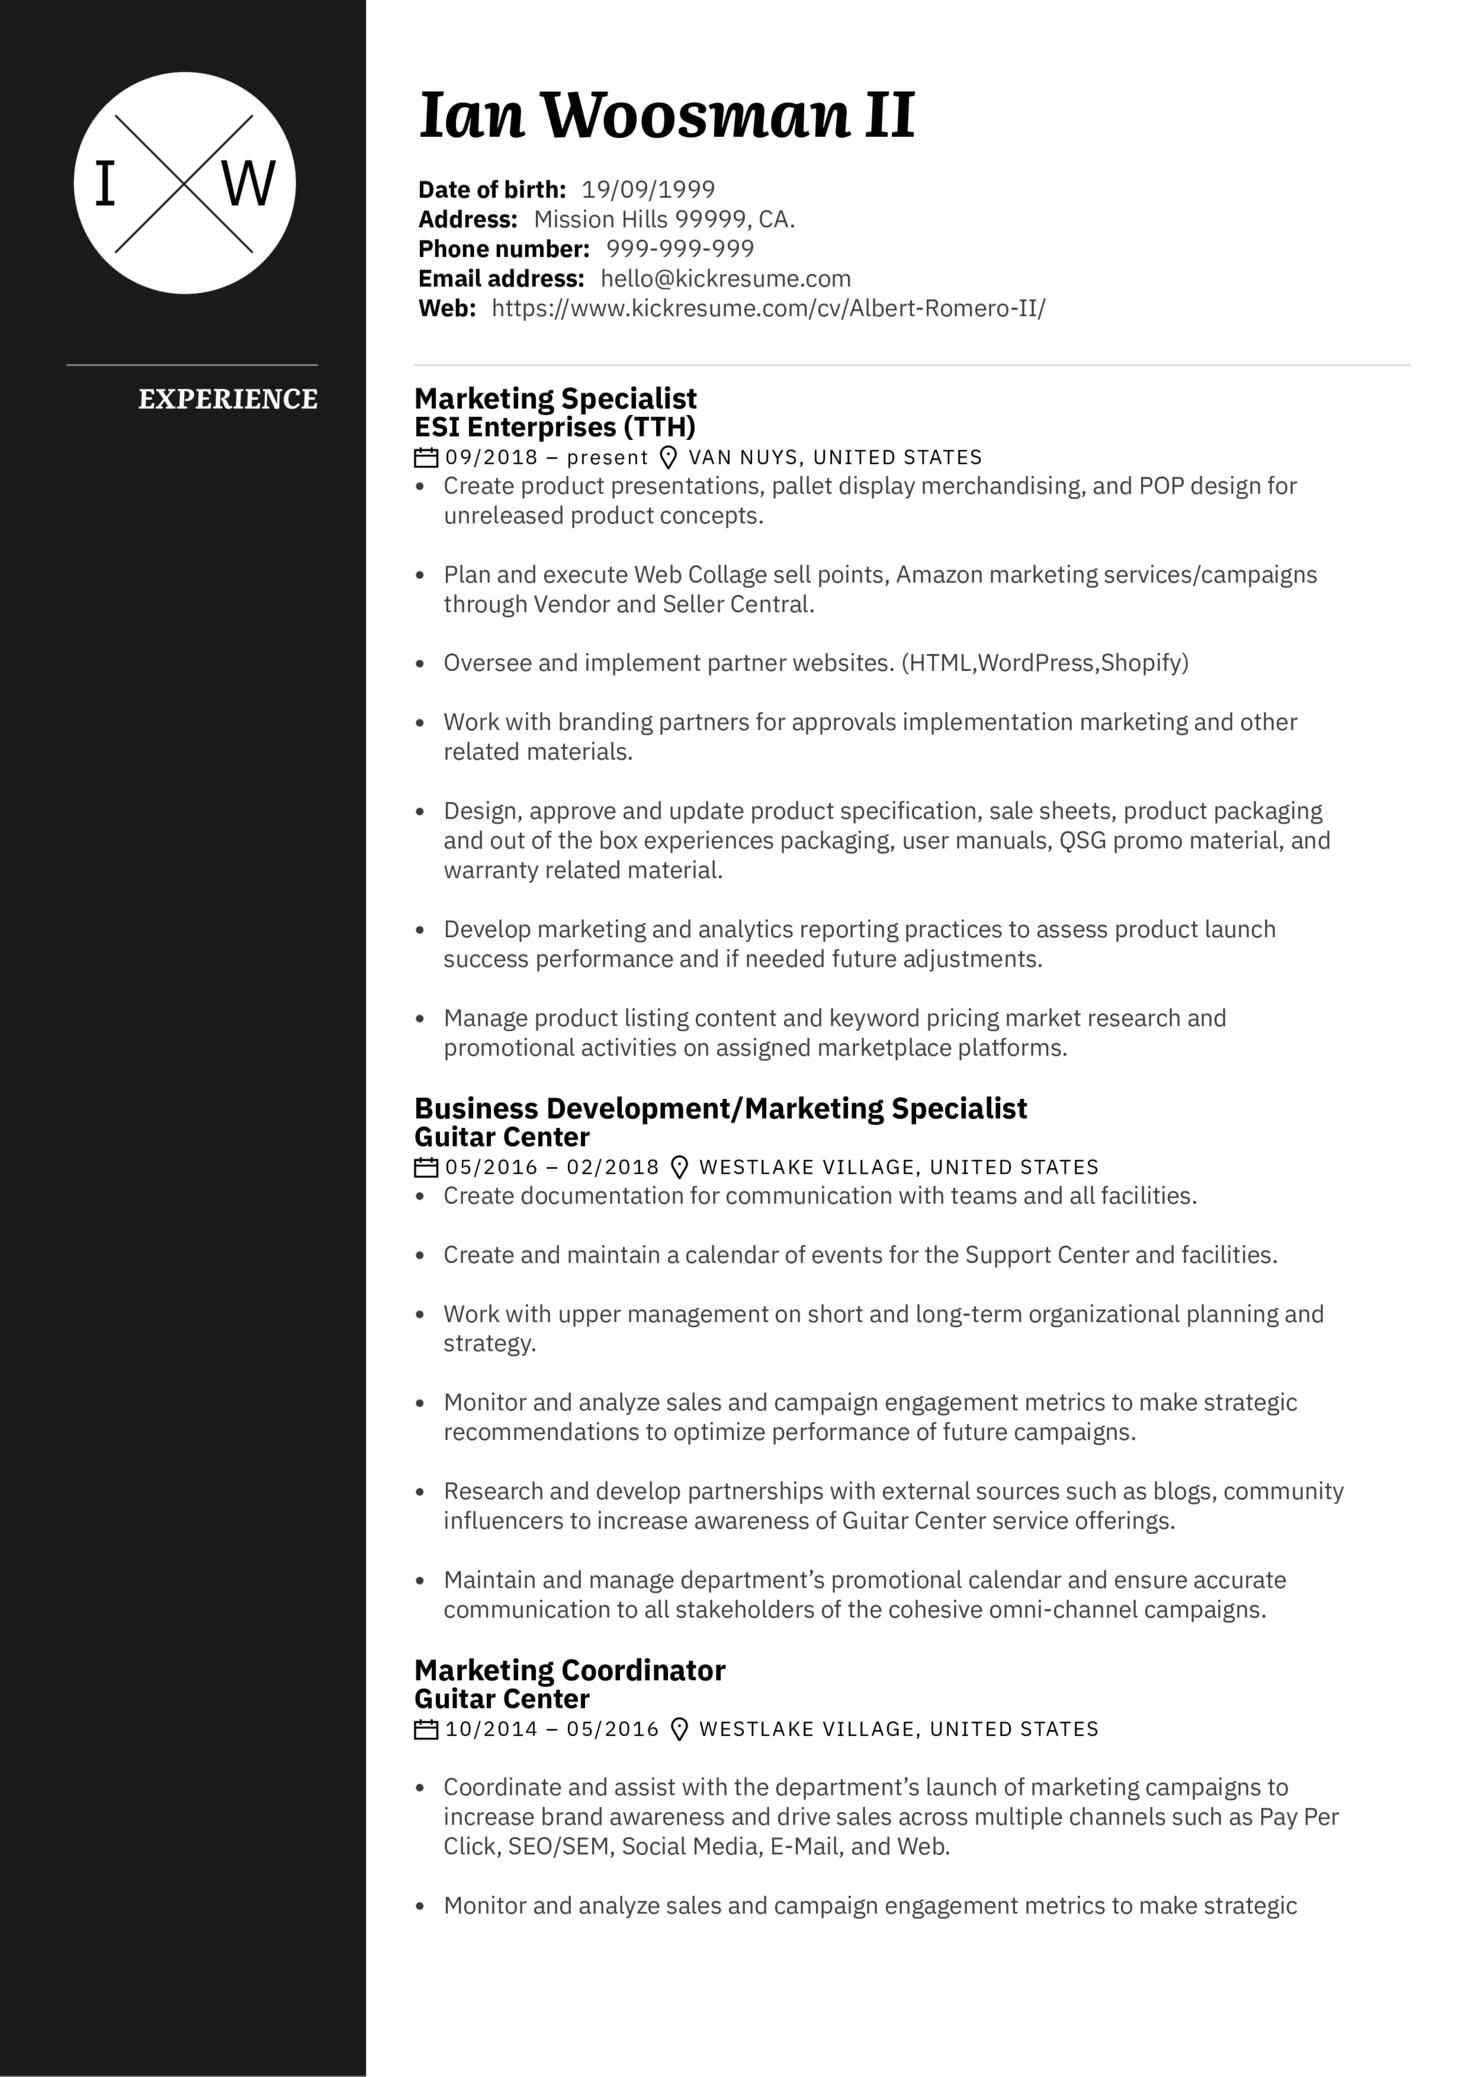 Marketing Specialist Resume Sample (časť 1)